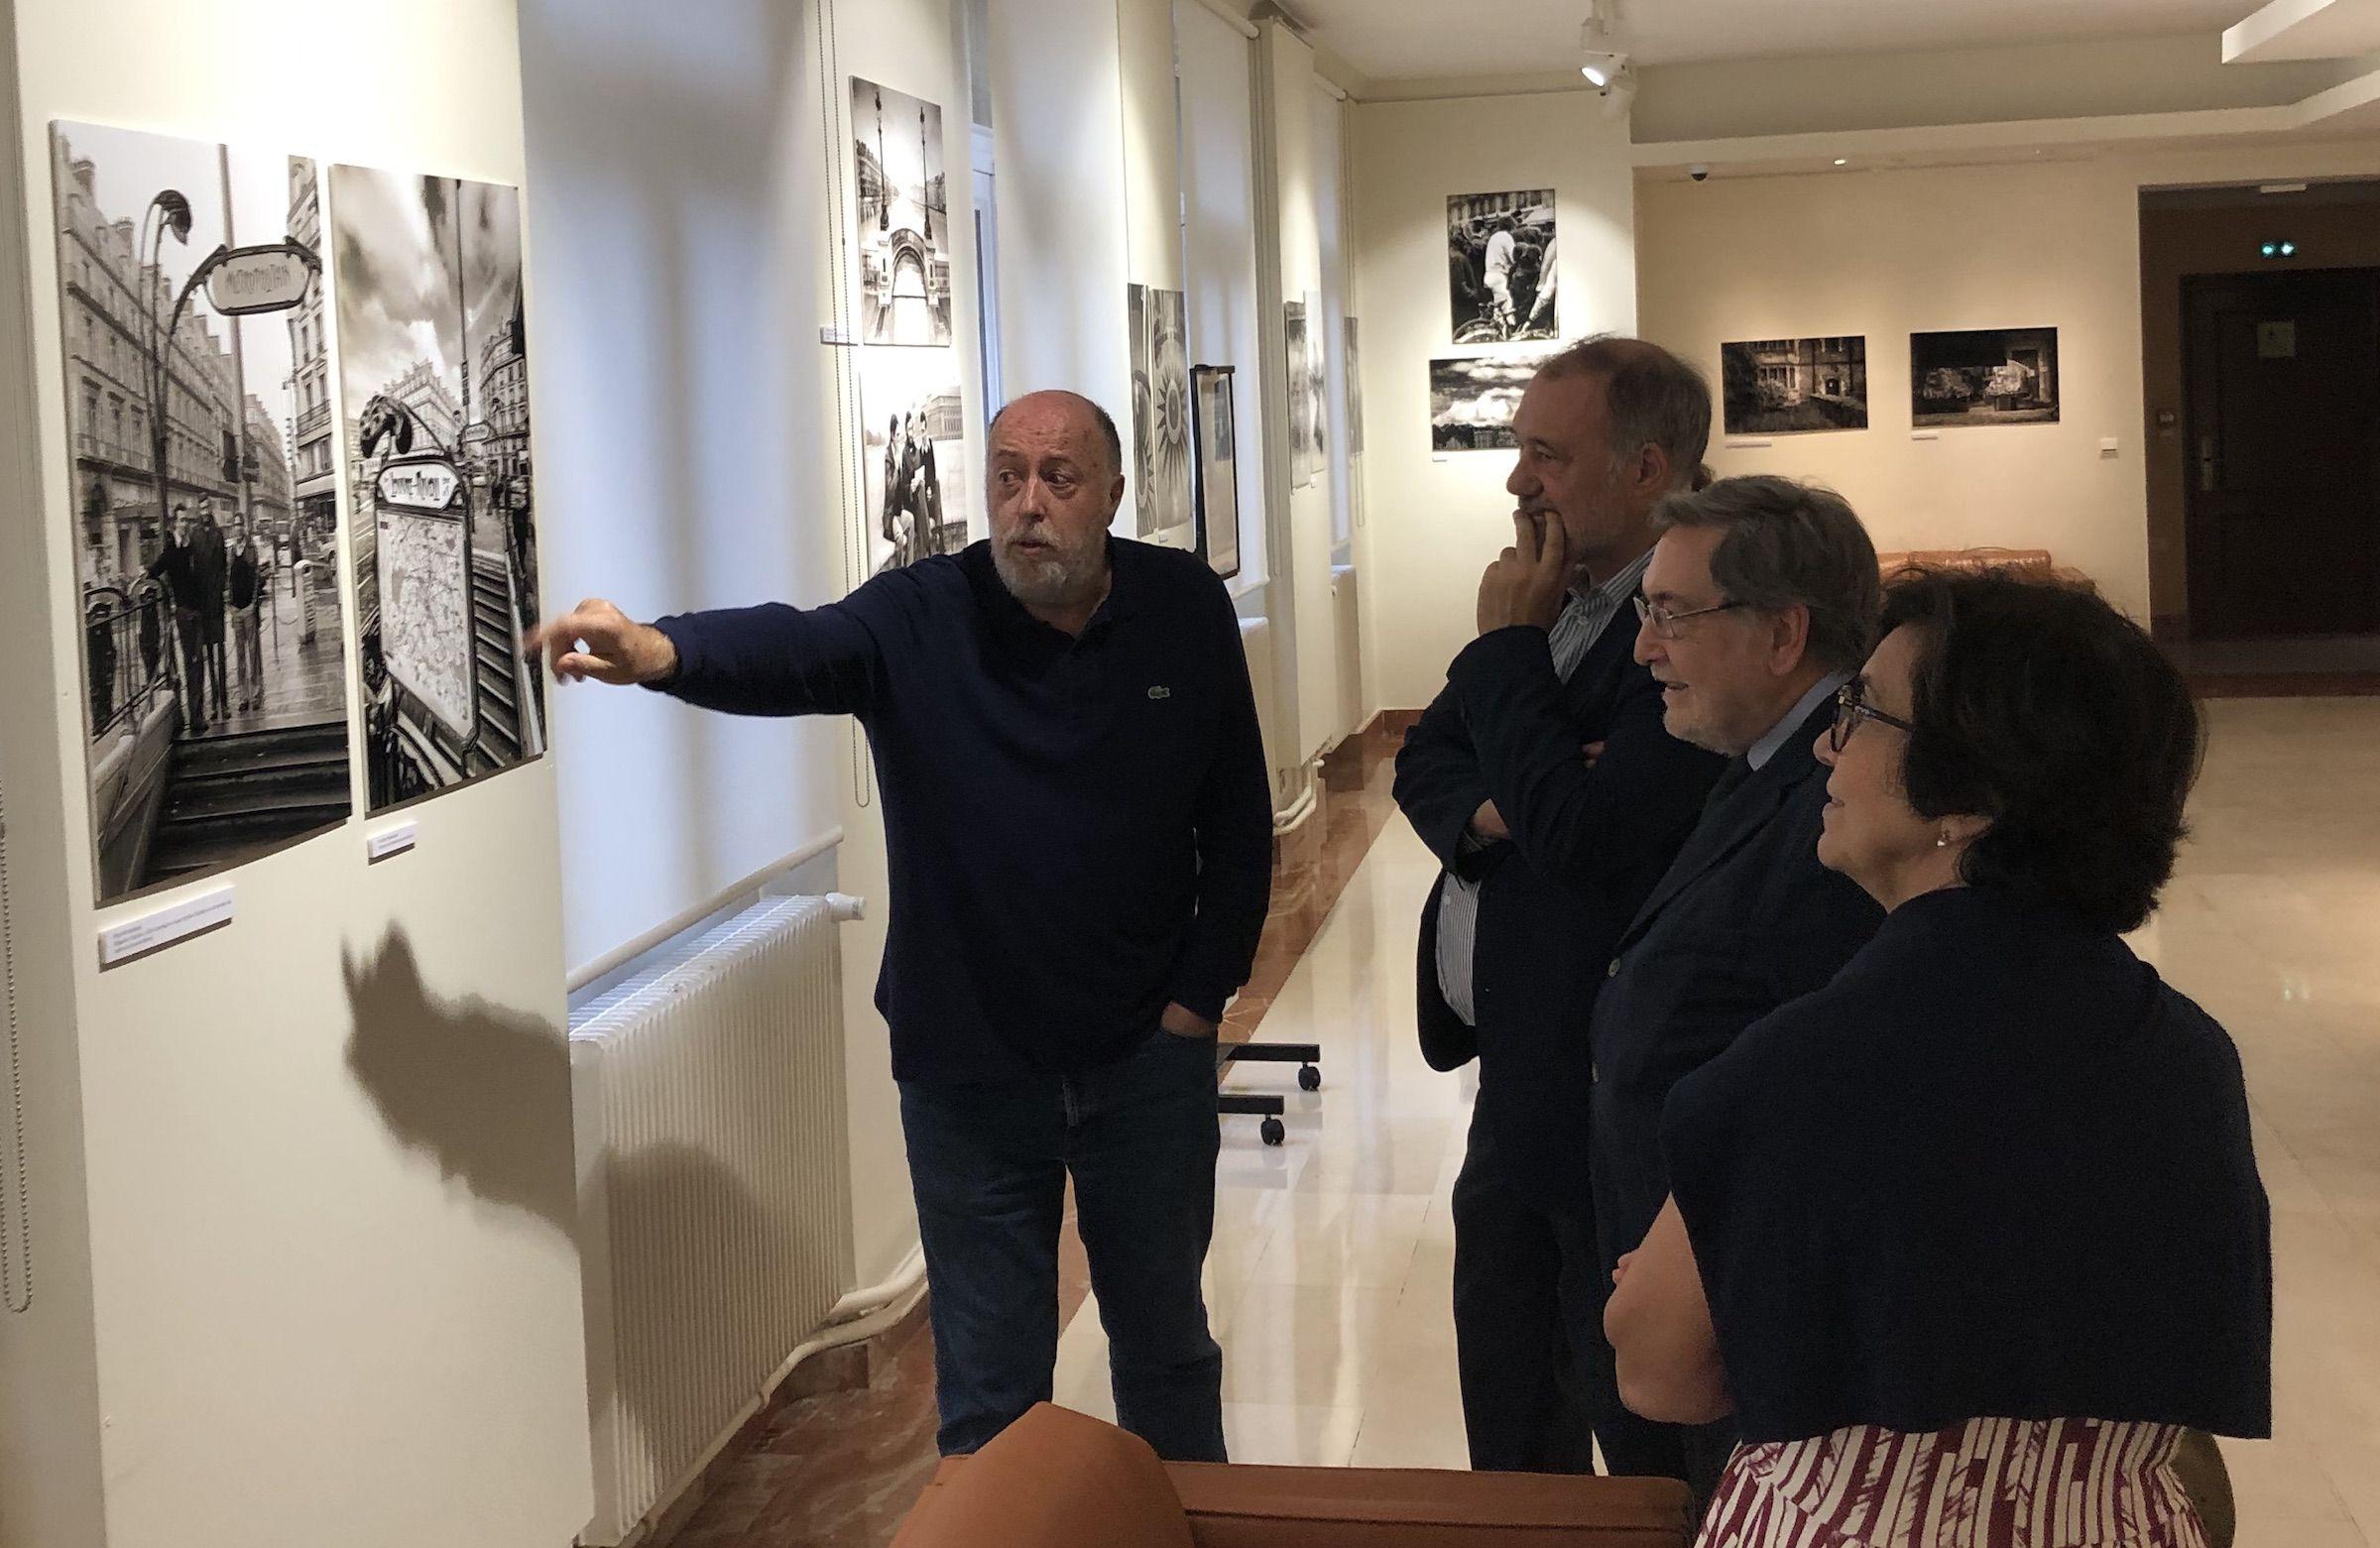 Con Roberto Varela Fariña, Consejero de Asuntos Culturales de la Embajada de España en Francia, Eugenio Nasarre Goicoechea, Director General de RTVE (1981-1982) y Secretario de Educación y Formación Profesional (1996-1999) y la esposa de Nasarre.